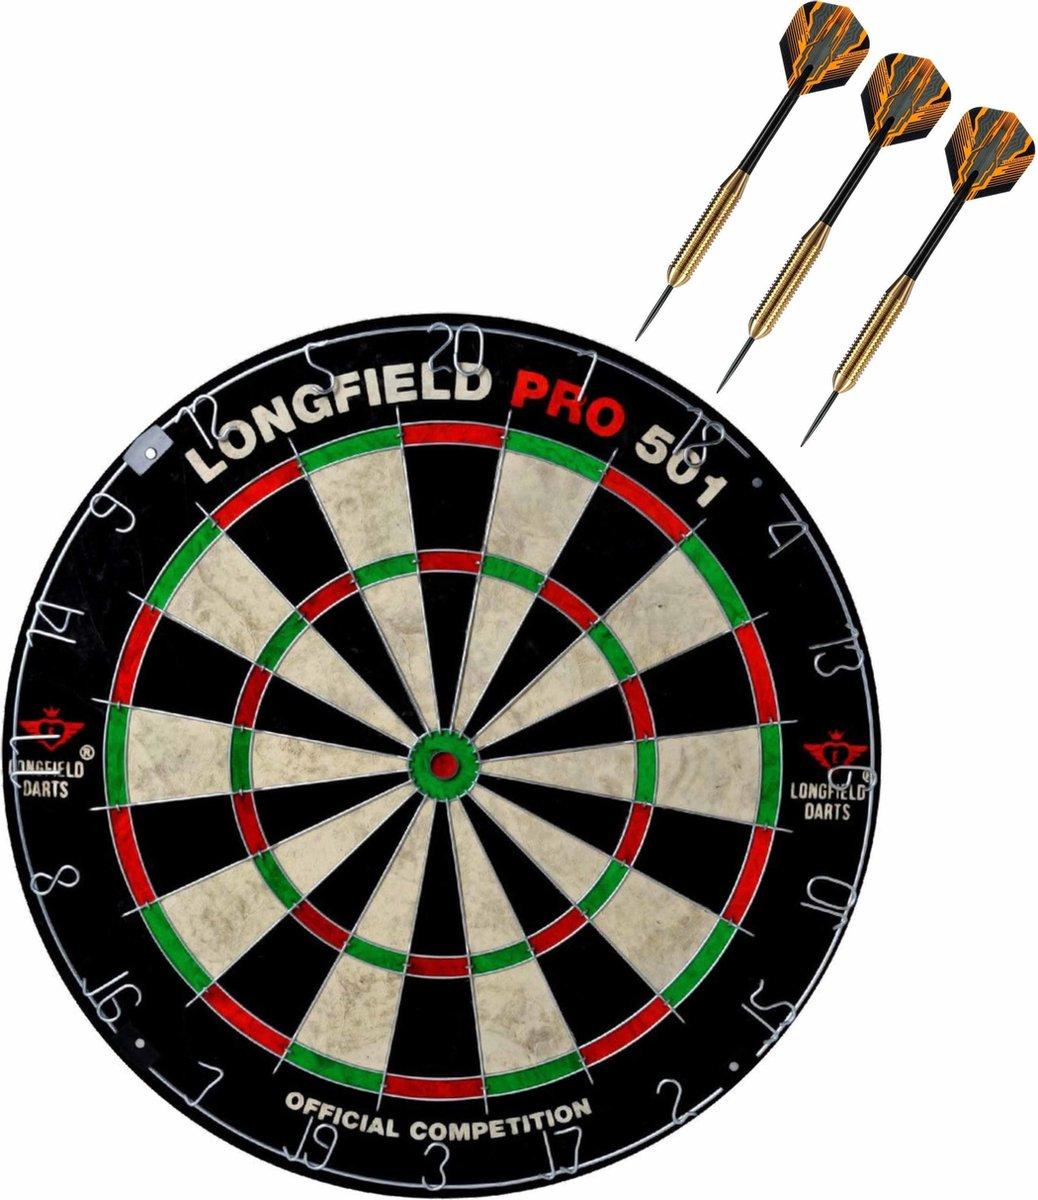 Dartbord set compleet van diameter 45.5 cm met 3x Club Brass dartpijlen van 24 gram - Professioneel darten pakket